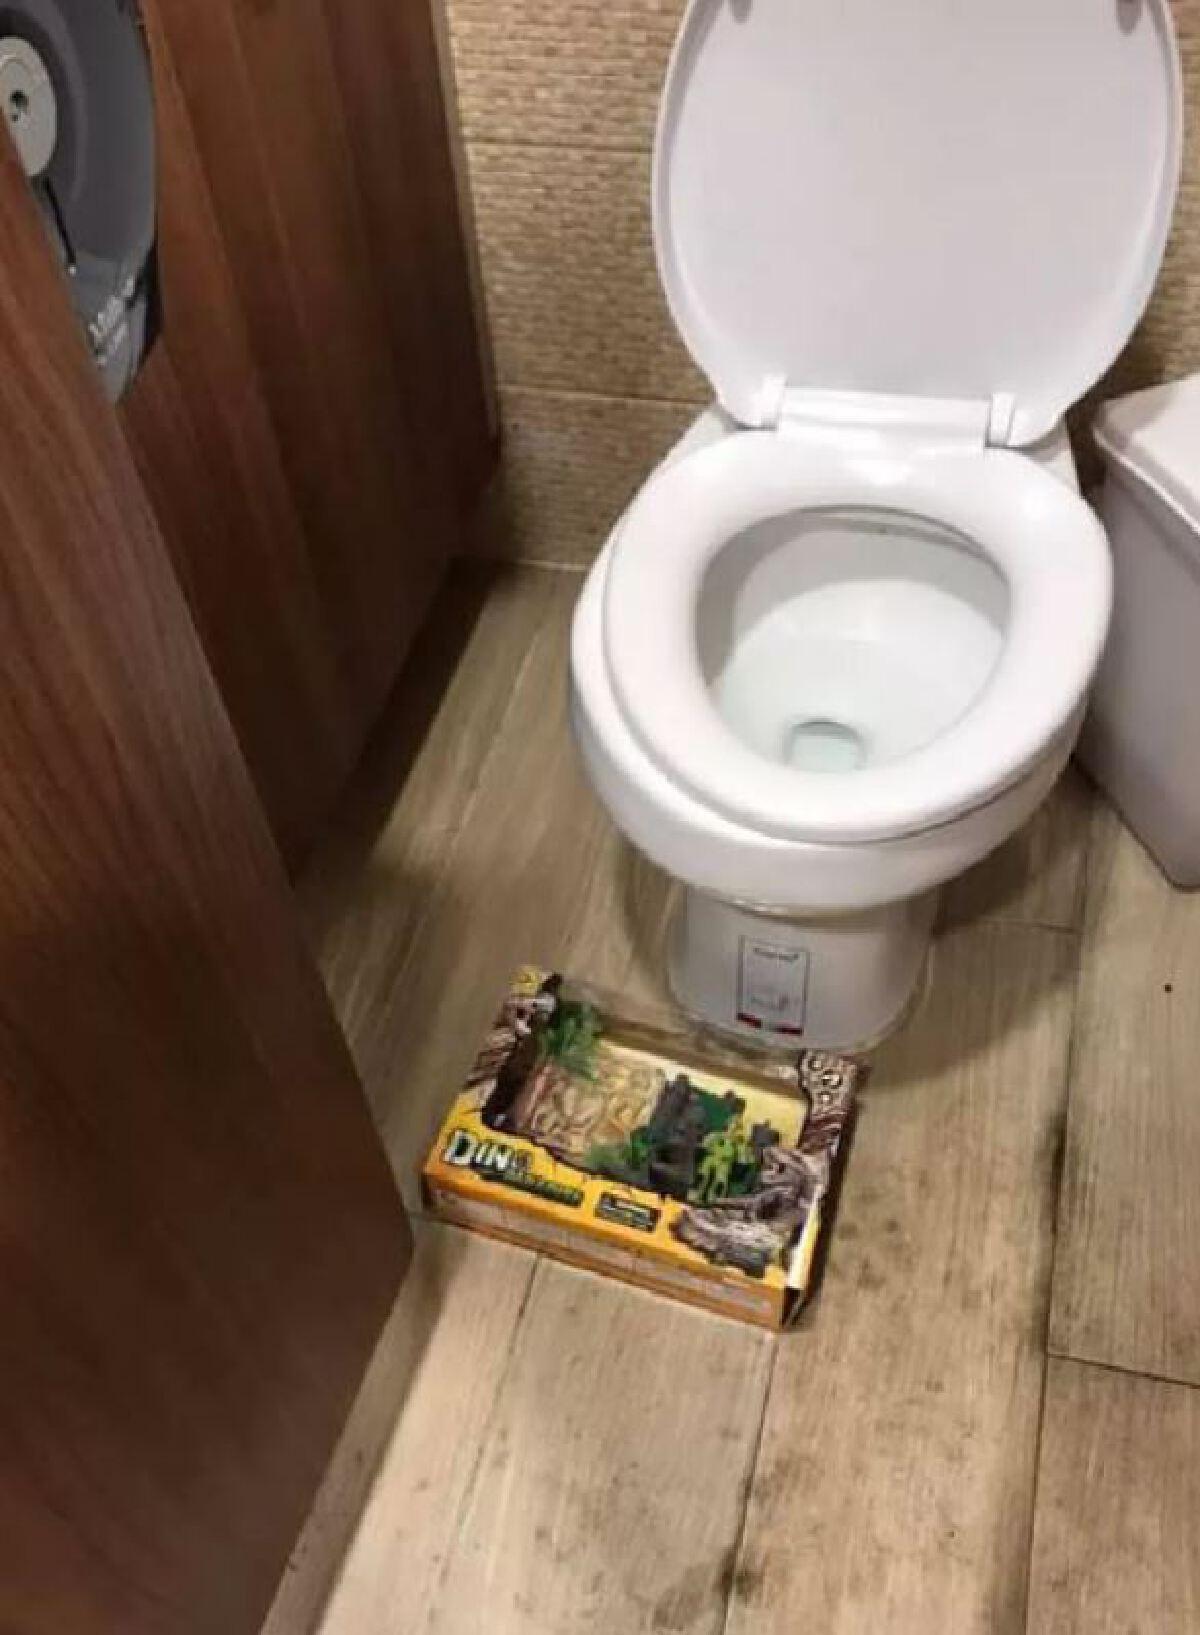 โอละพ่อ สน.เตาปูนเผยผลตรวจสอบกล่องปริศนาในห้องน้ำห้างดัง